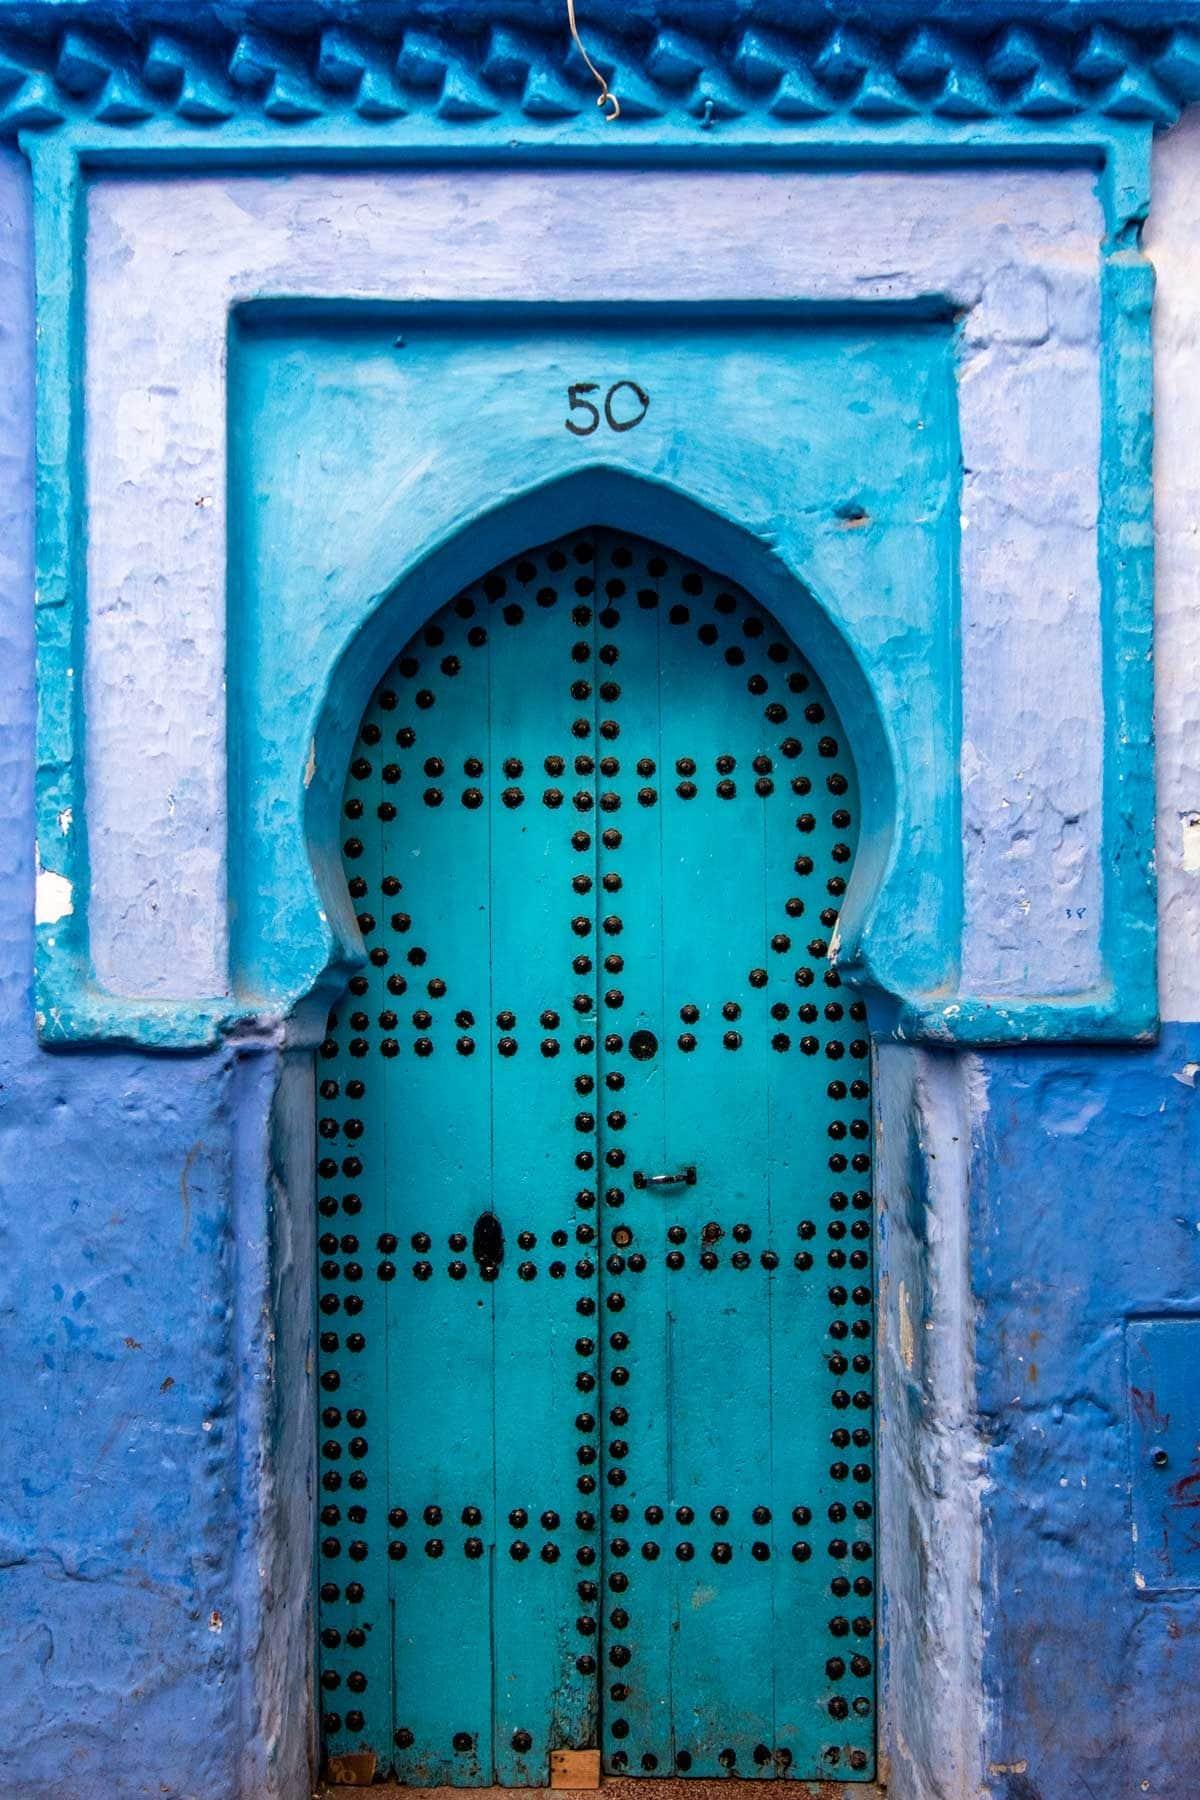 chefchaouen photo guide - beautiful door